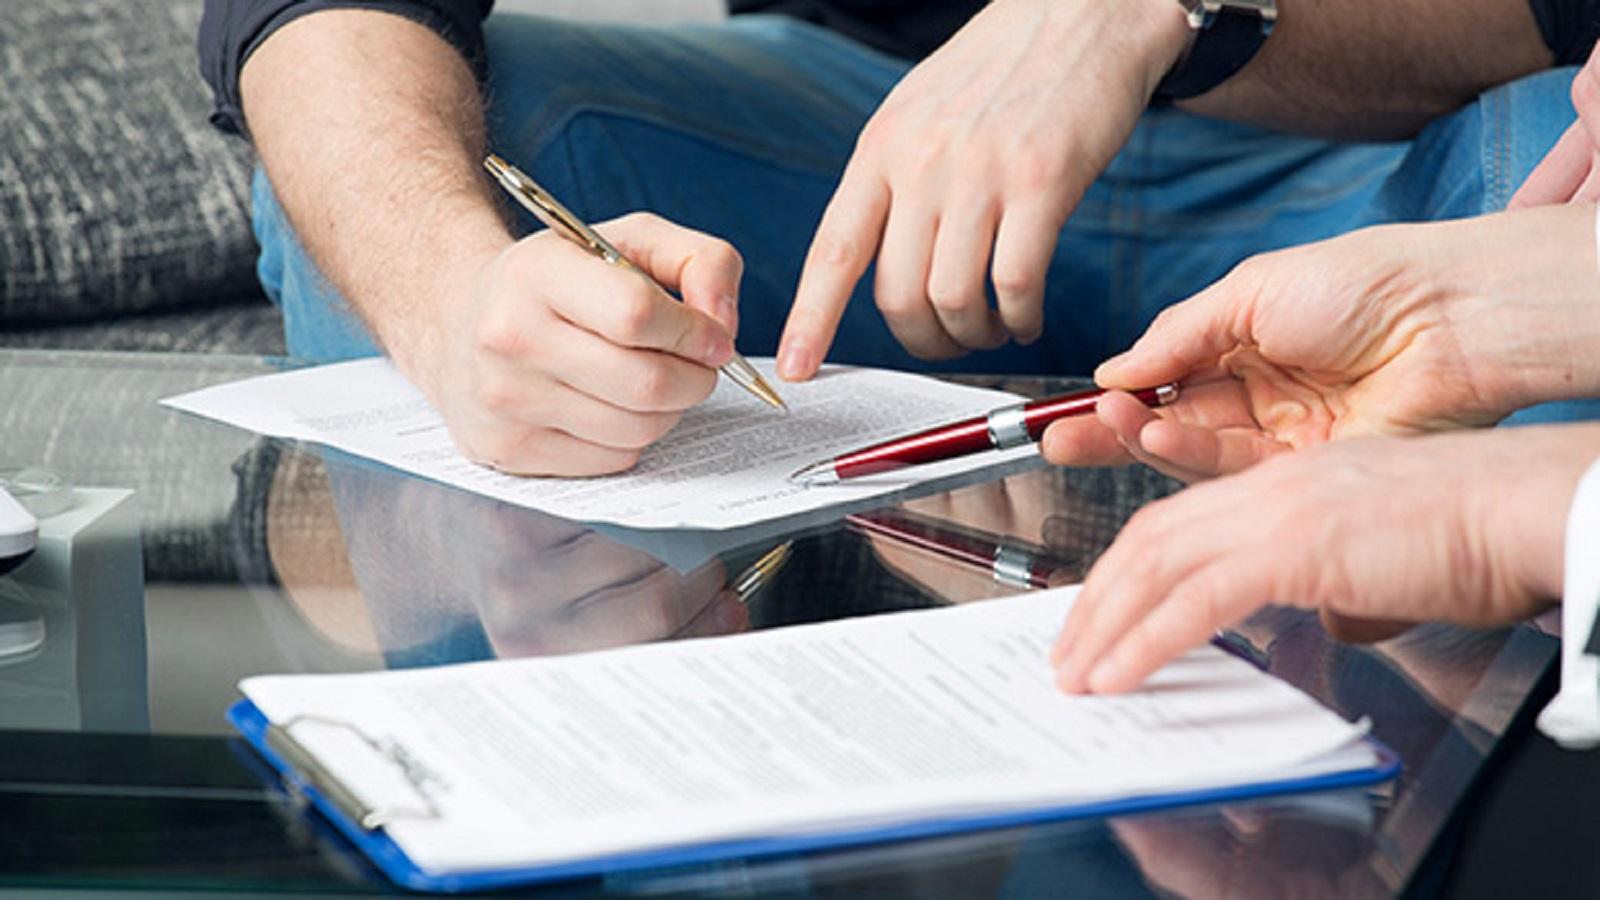 các thông tin và câu hỏi tại hồ sơ yêu cầu bảo hiểm